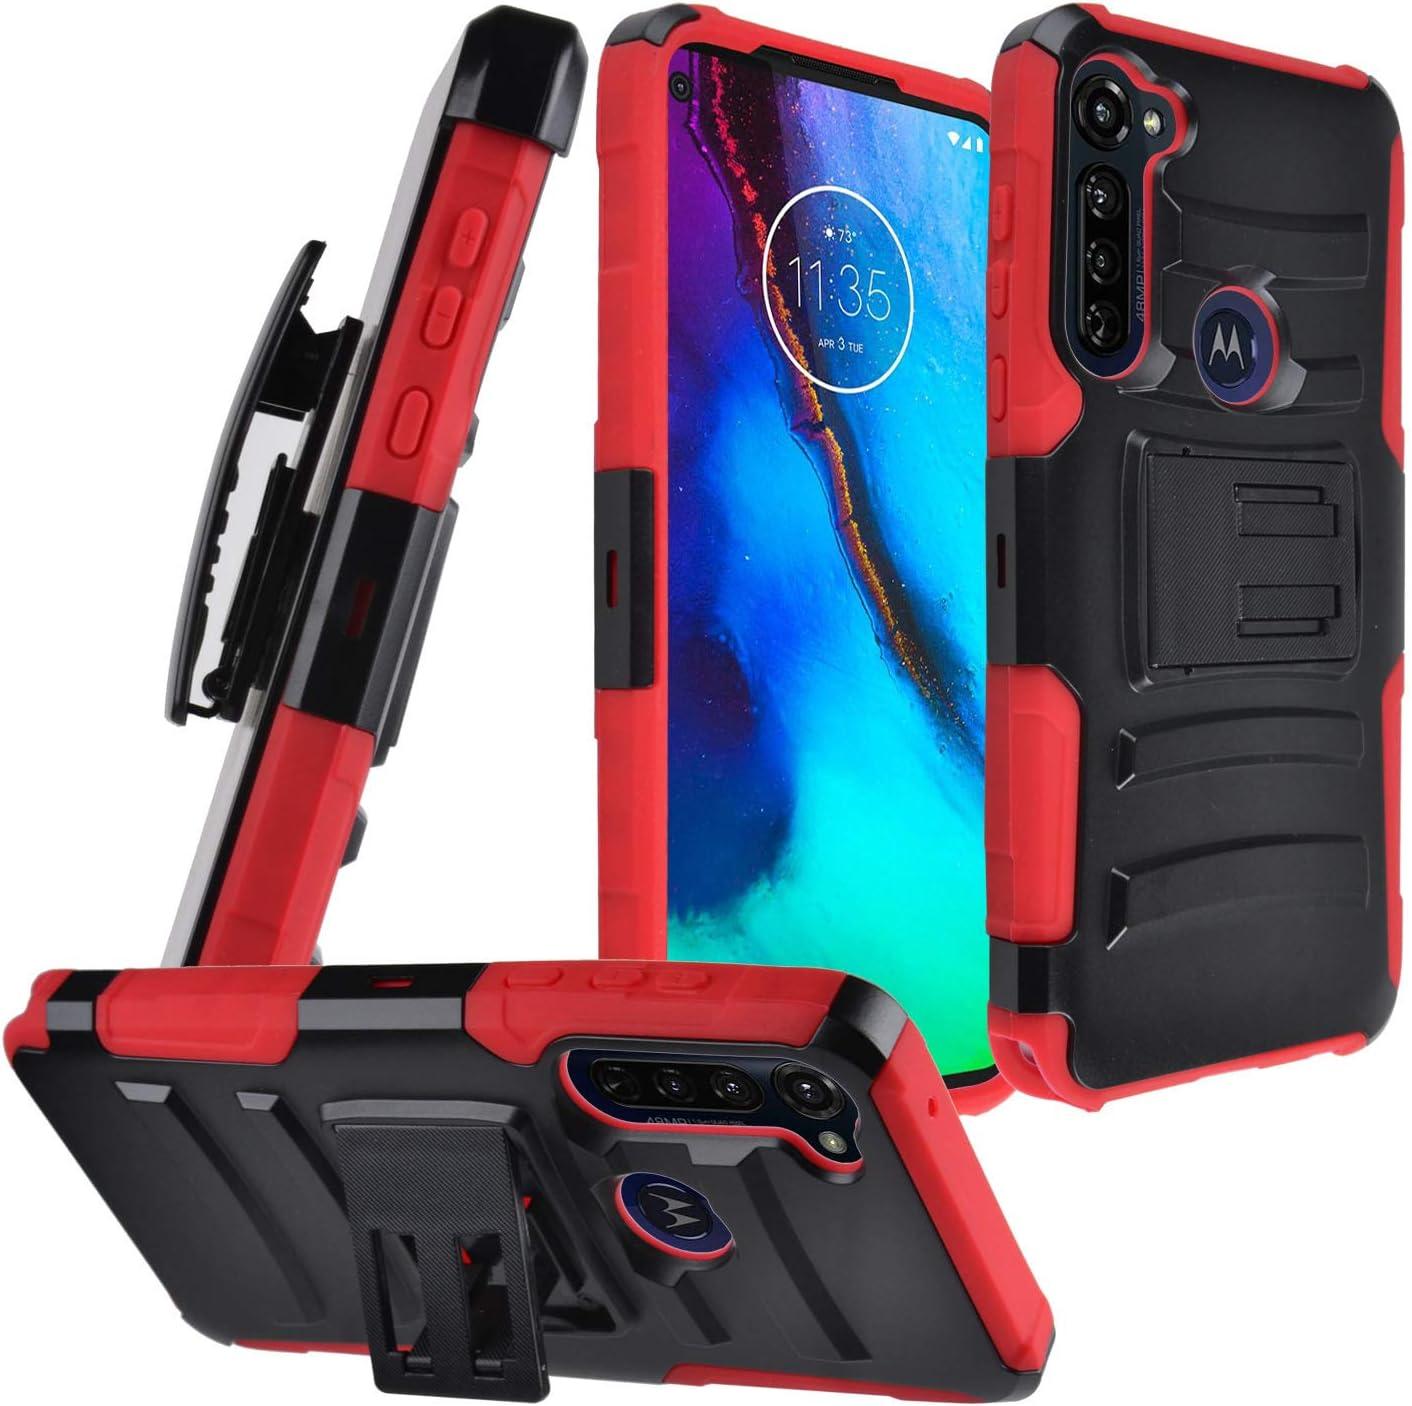 CELZEN - for Motorola Moto G Stylus XT2043, Moto G Power XT2041 (2020 Version) - Hybrid Phone Case w/Stand/Belt Clip Holster - CV1 Red